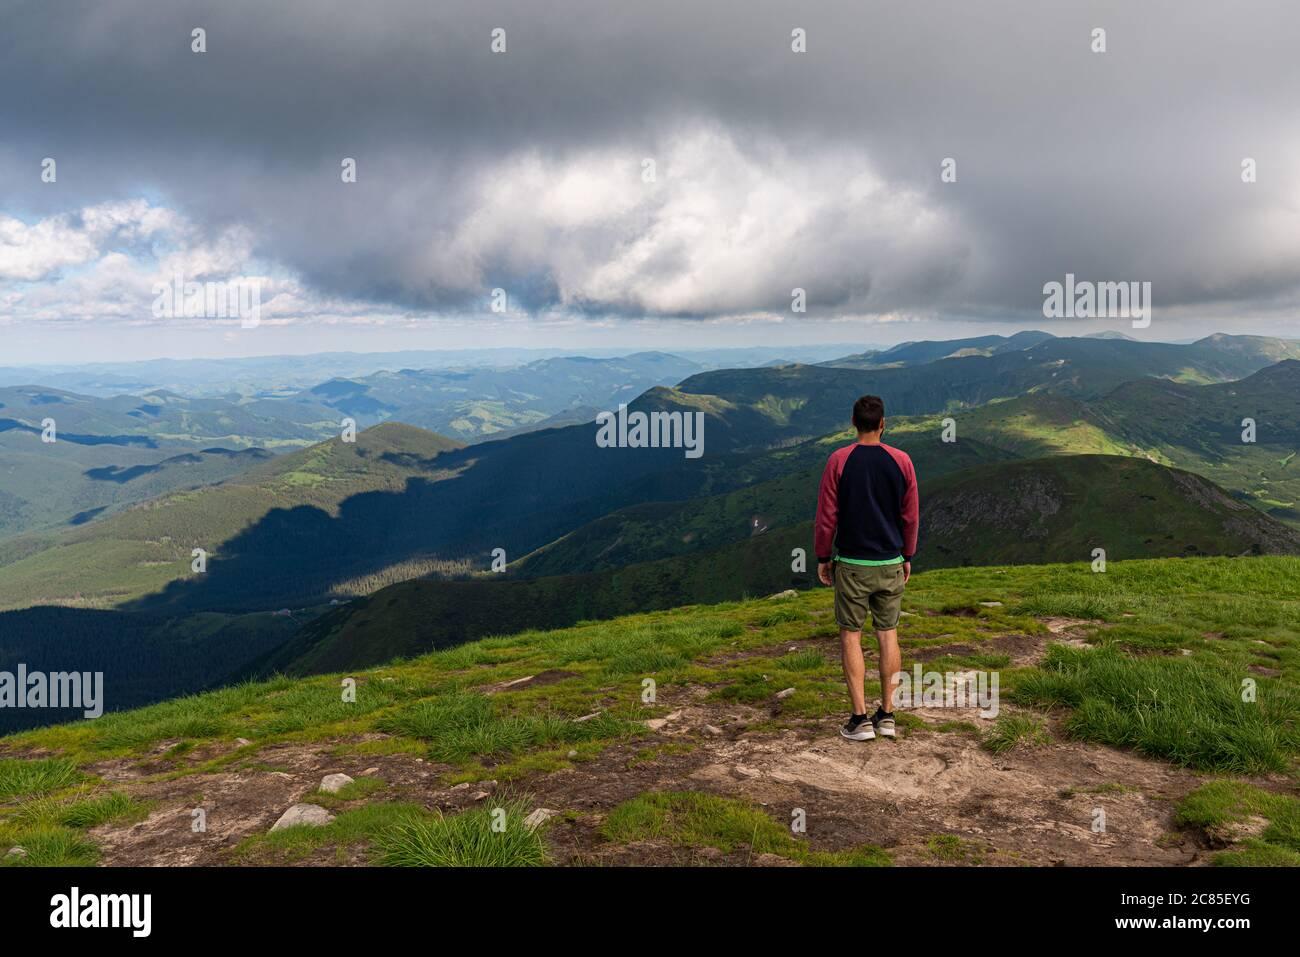 Voyageur debout sur la falaise de haute montagne, en admirant le paysage au sommet de la montagne. Vue POV. Concept de liberté de randonnée Banque D'Images